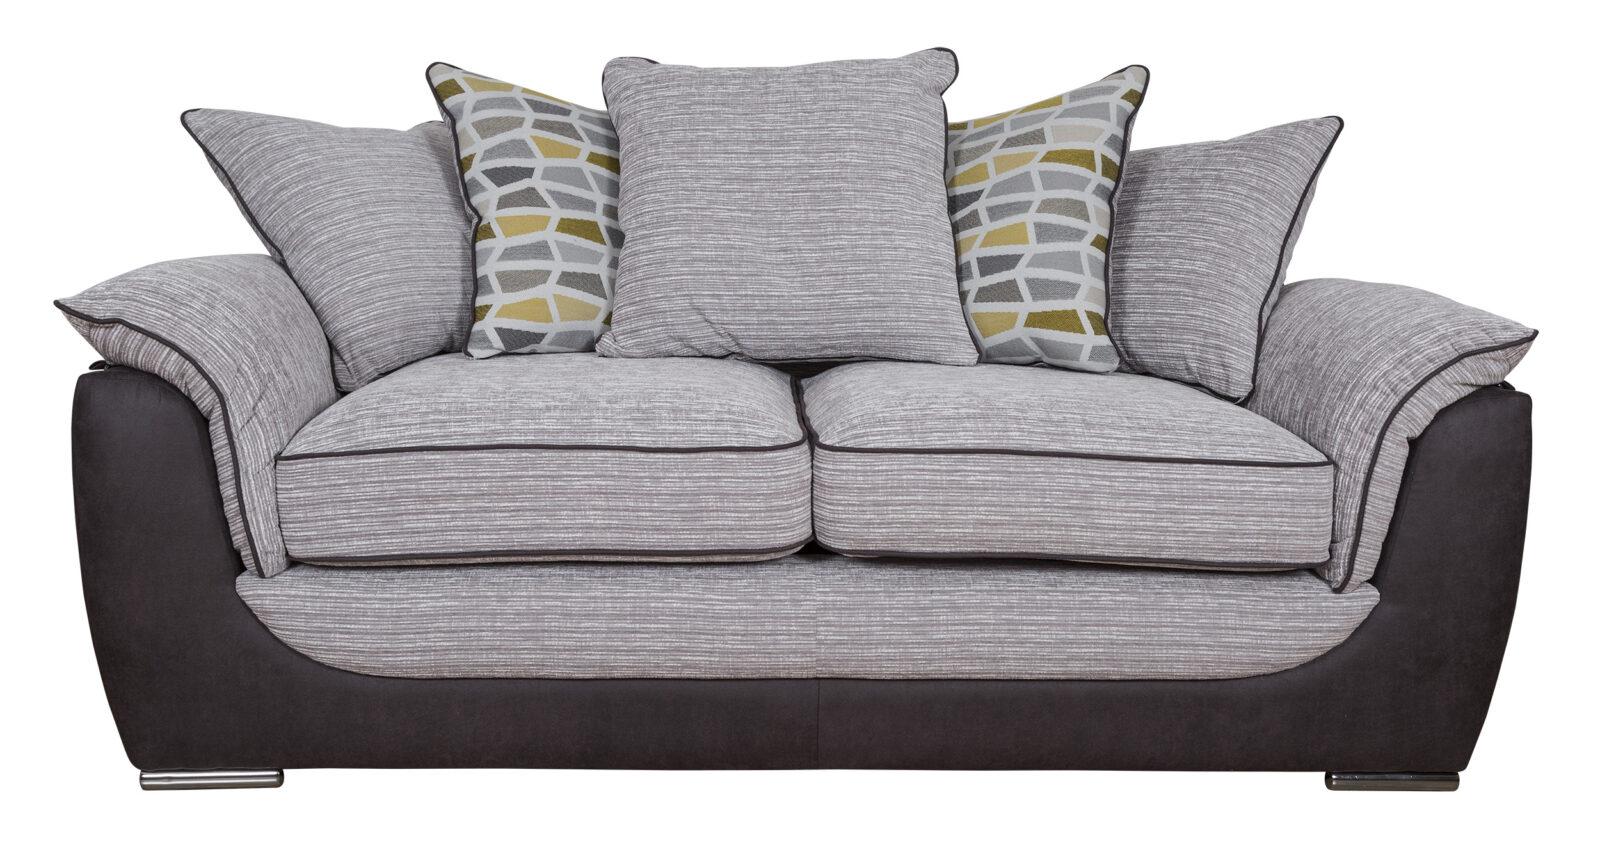 Dillon 3 seater Sofa